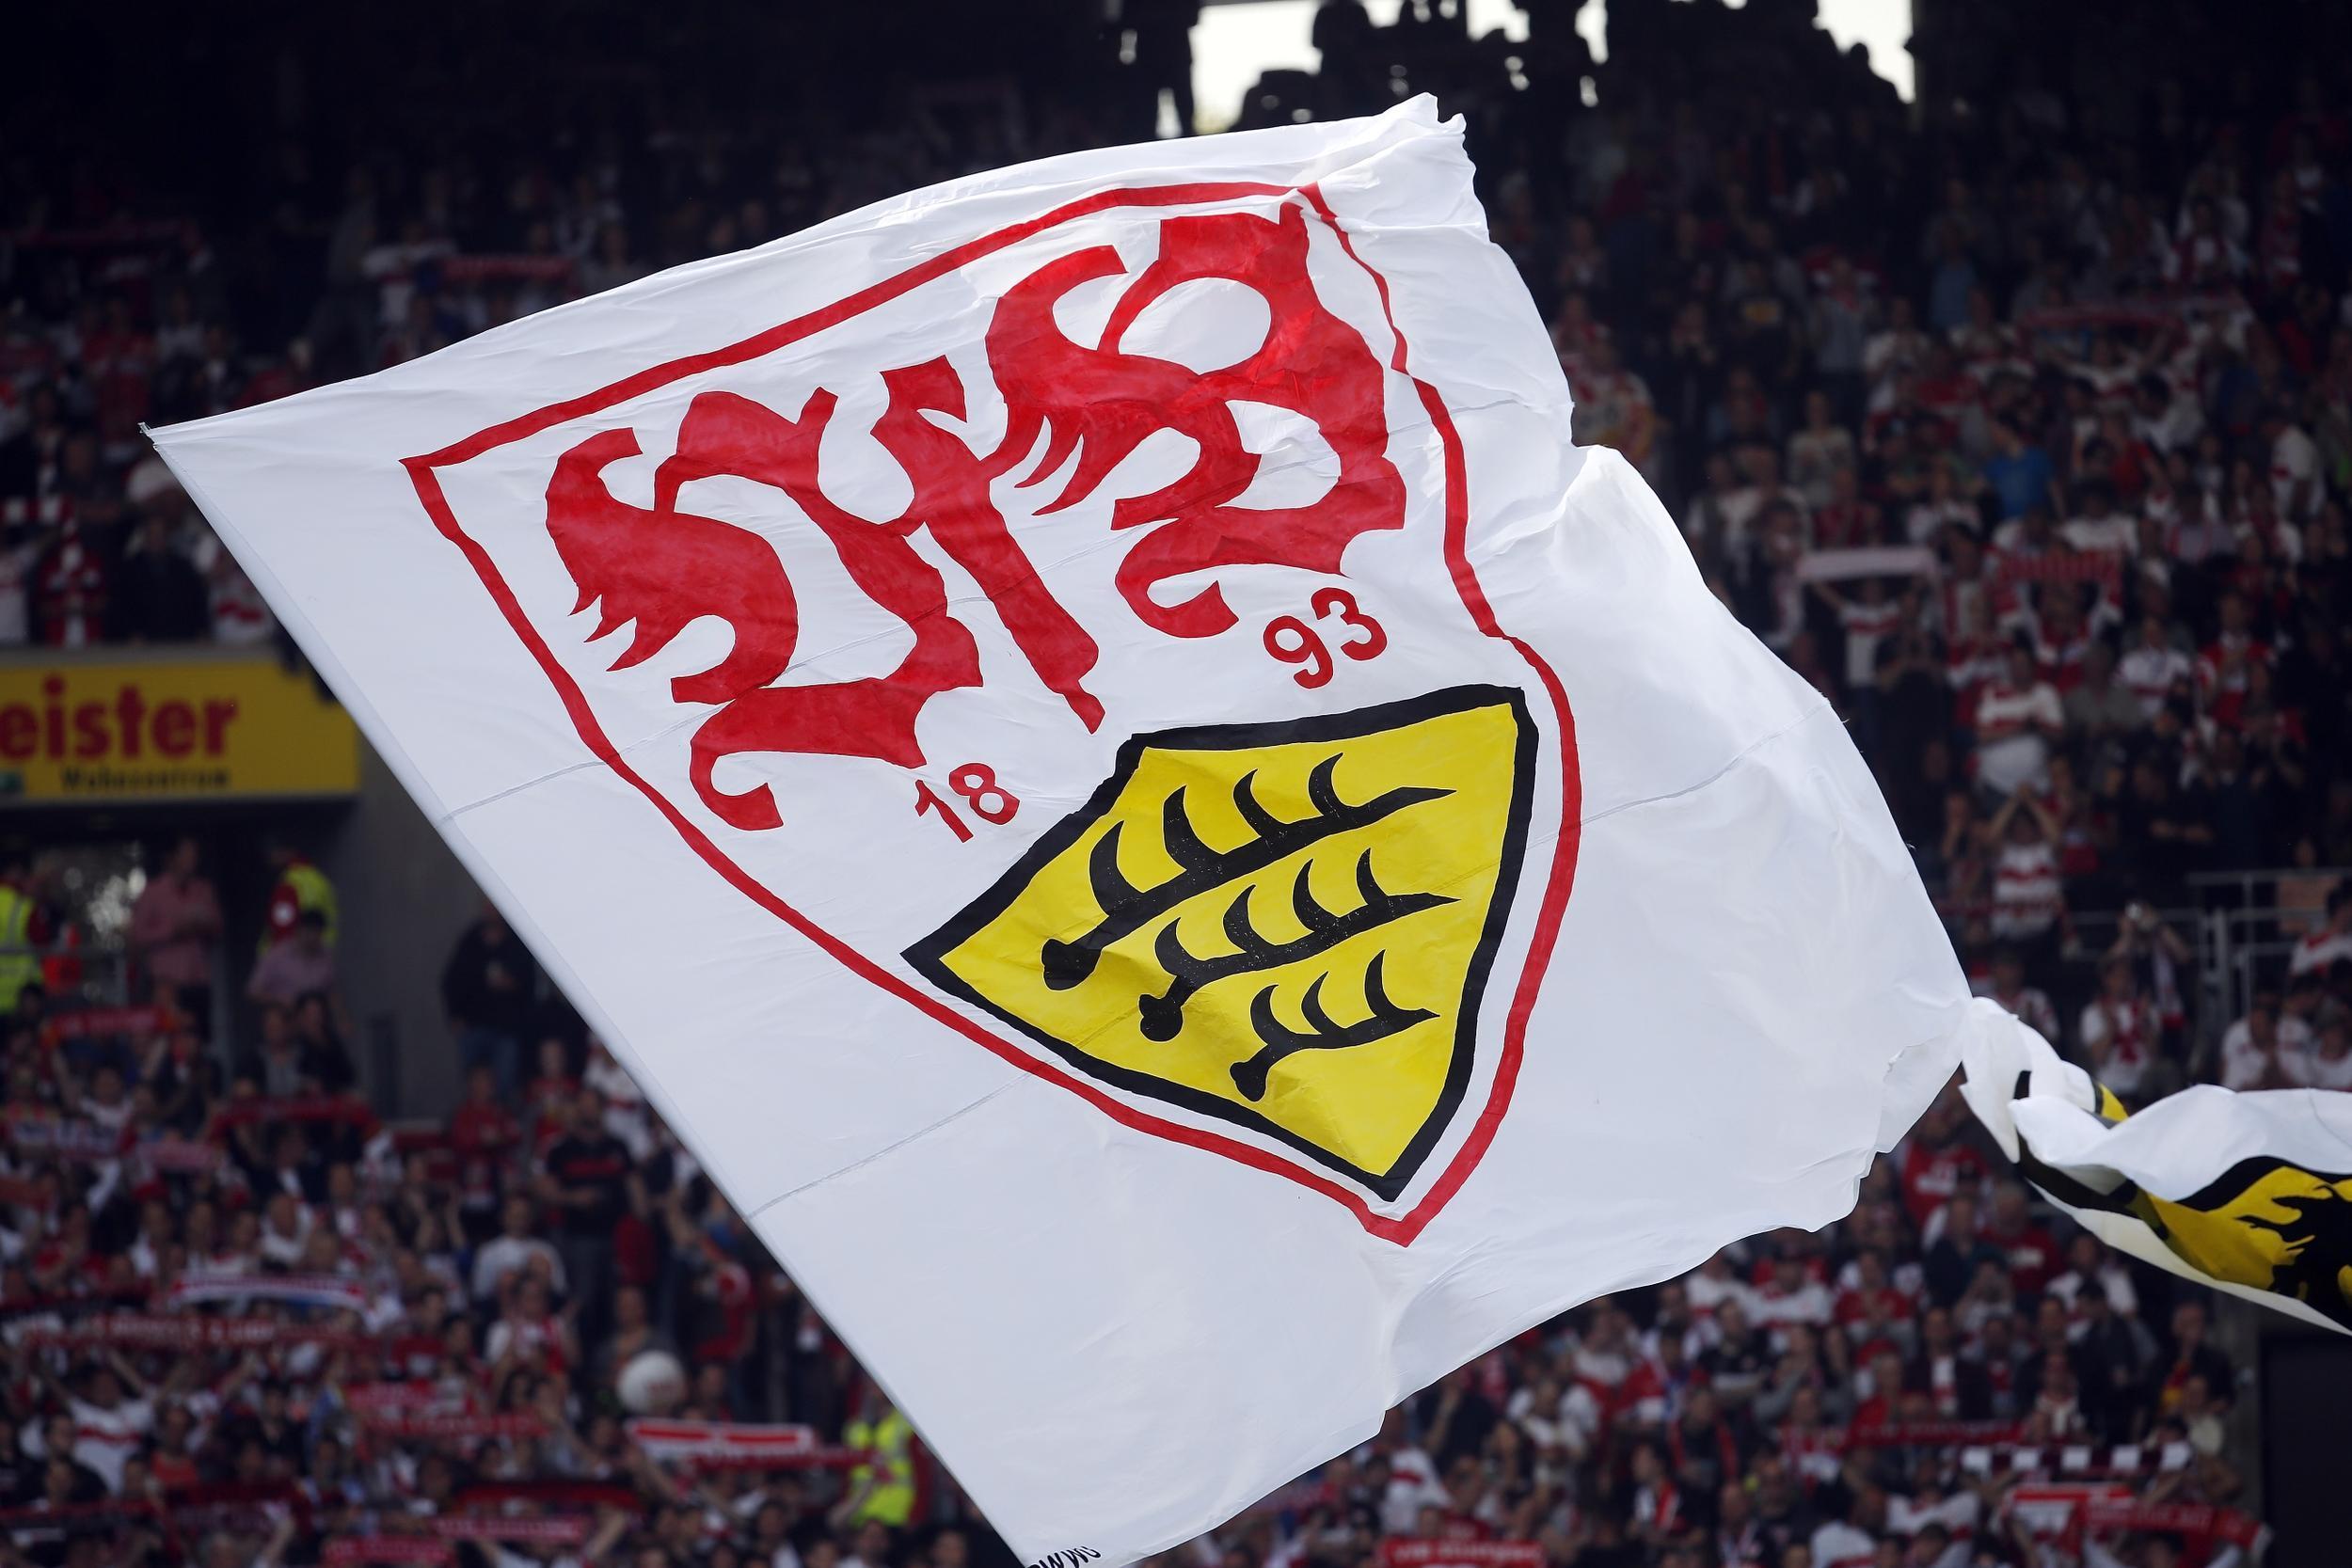 VfB Stuttgart, l'histoire d'une chute libre